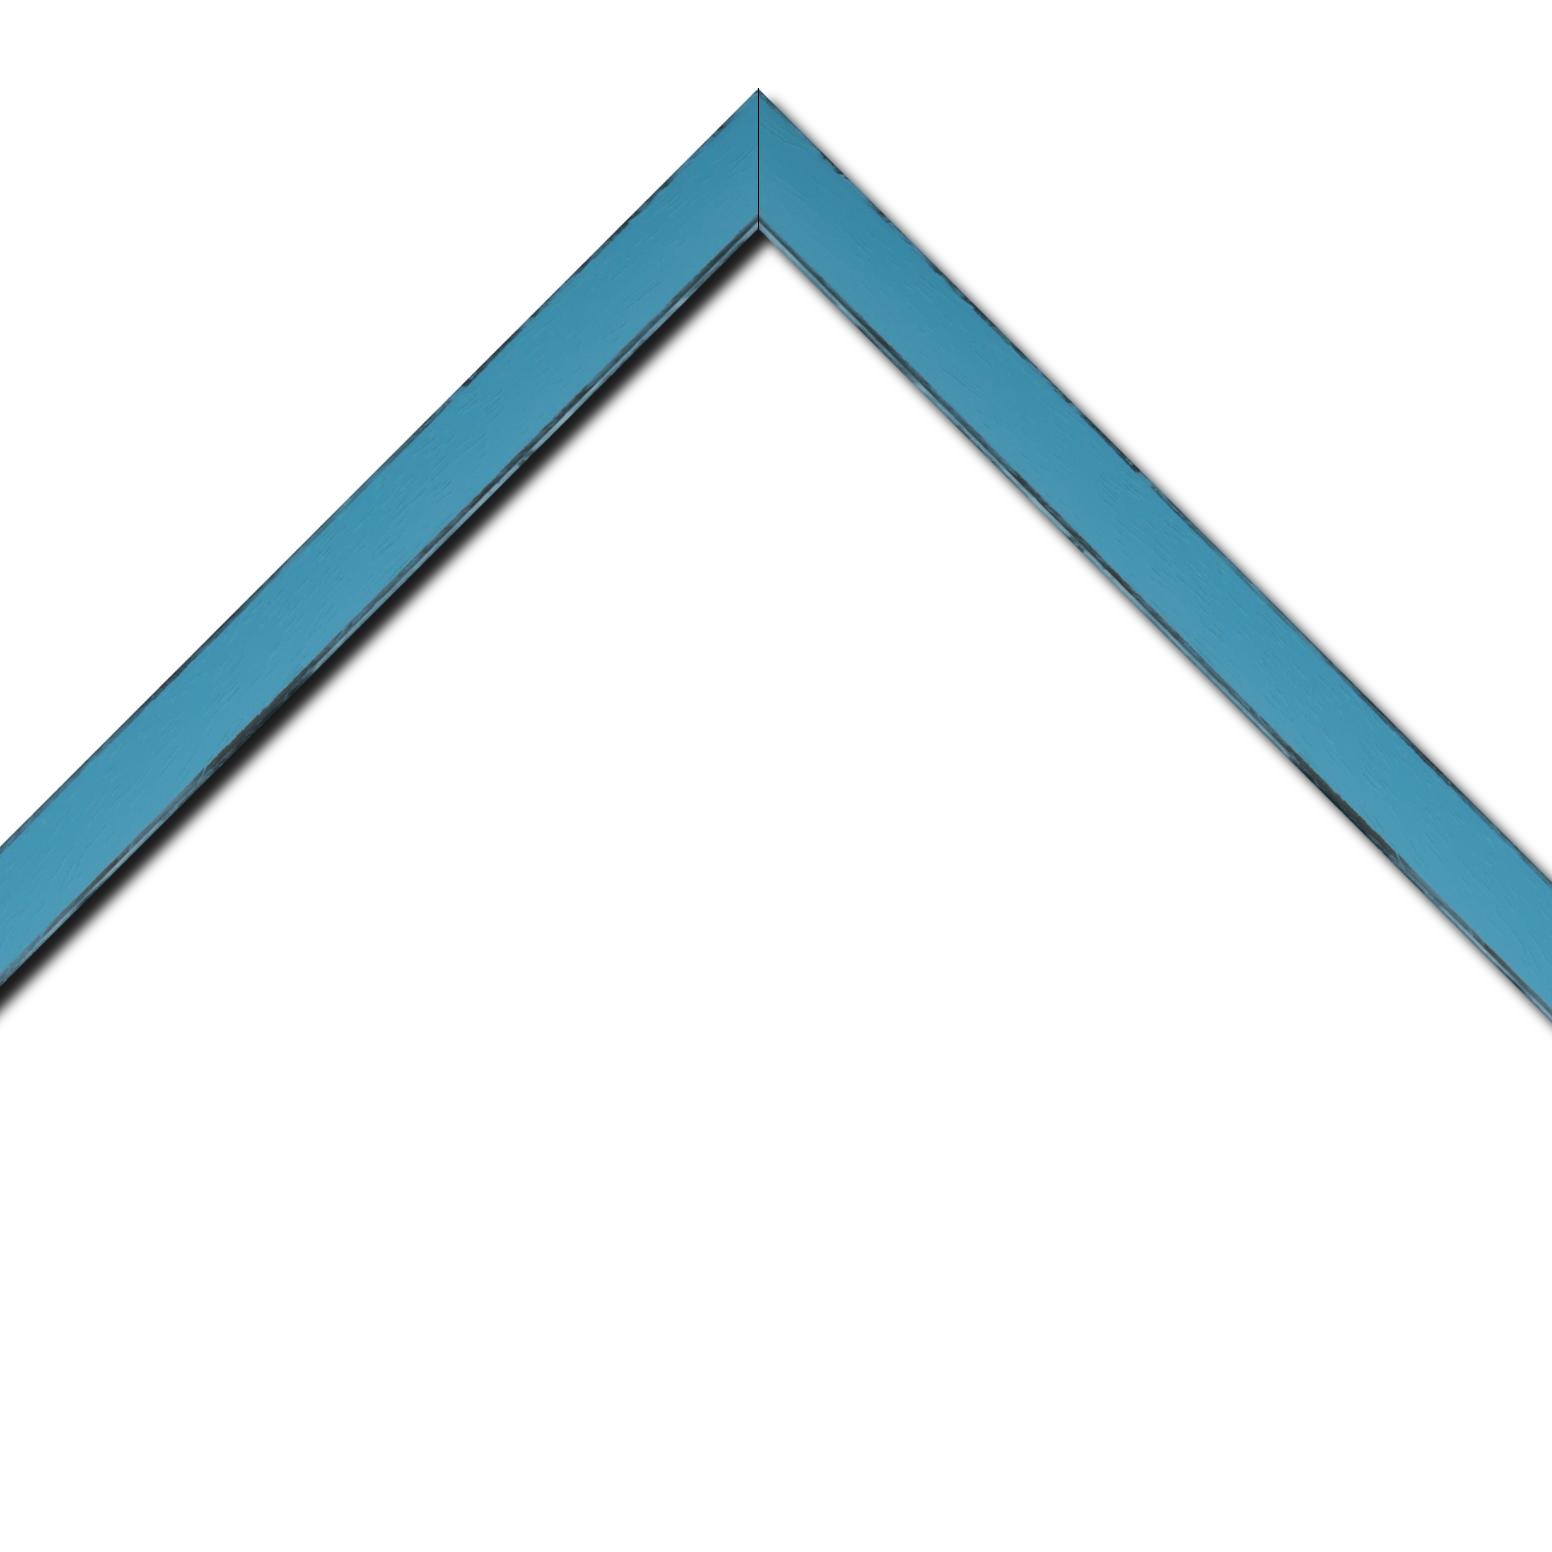 Baguette bois profil concave largeur 2.4cm couleur turquoise tonique  satiné  arêtes essuyés noircies de chaque coté